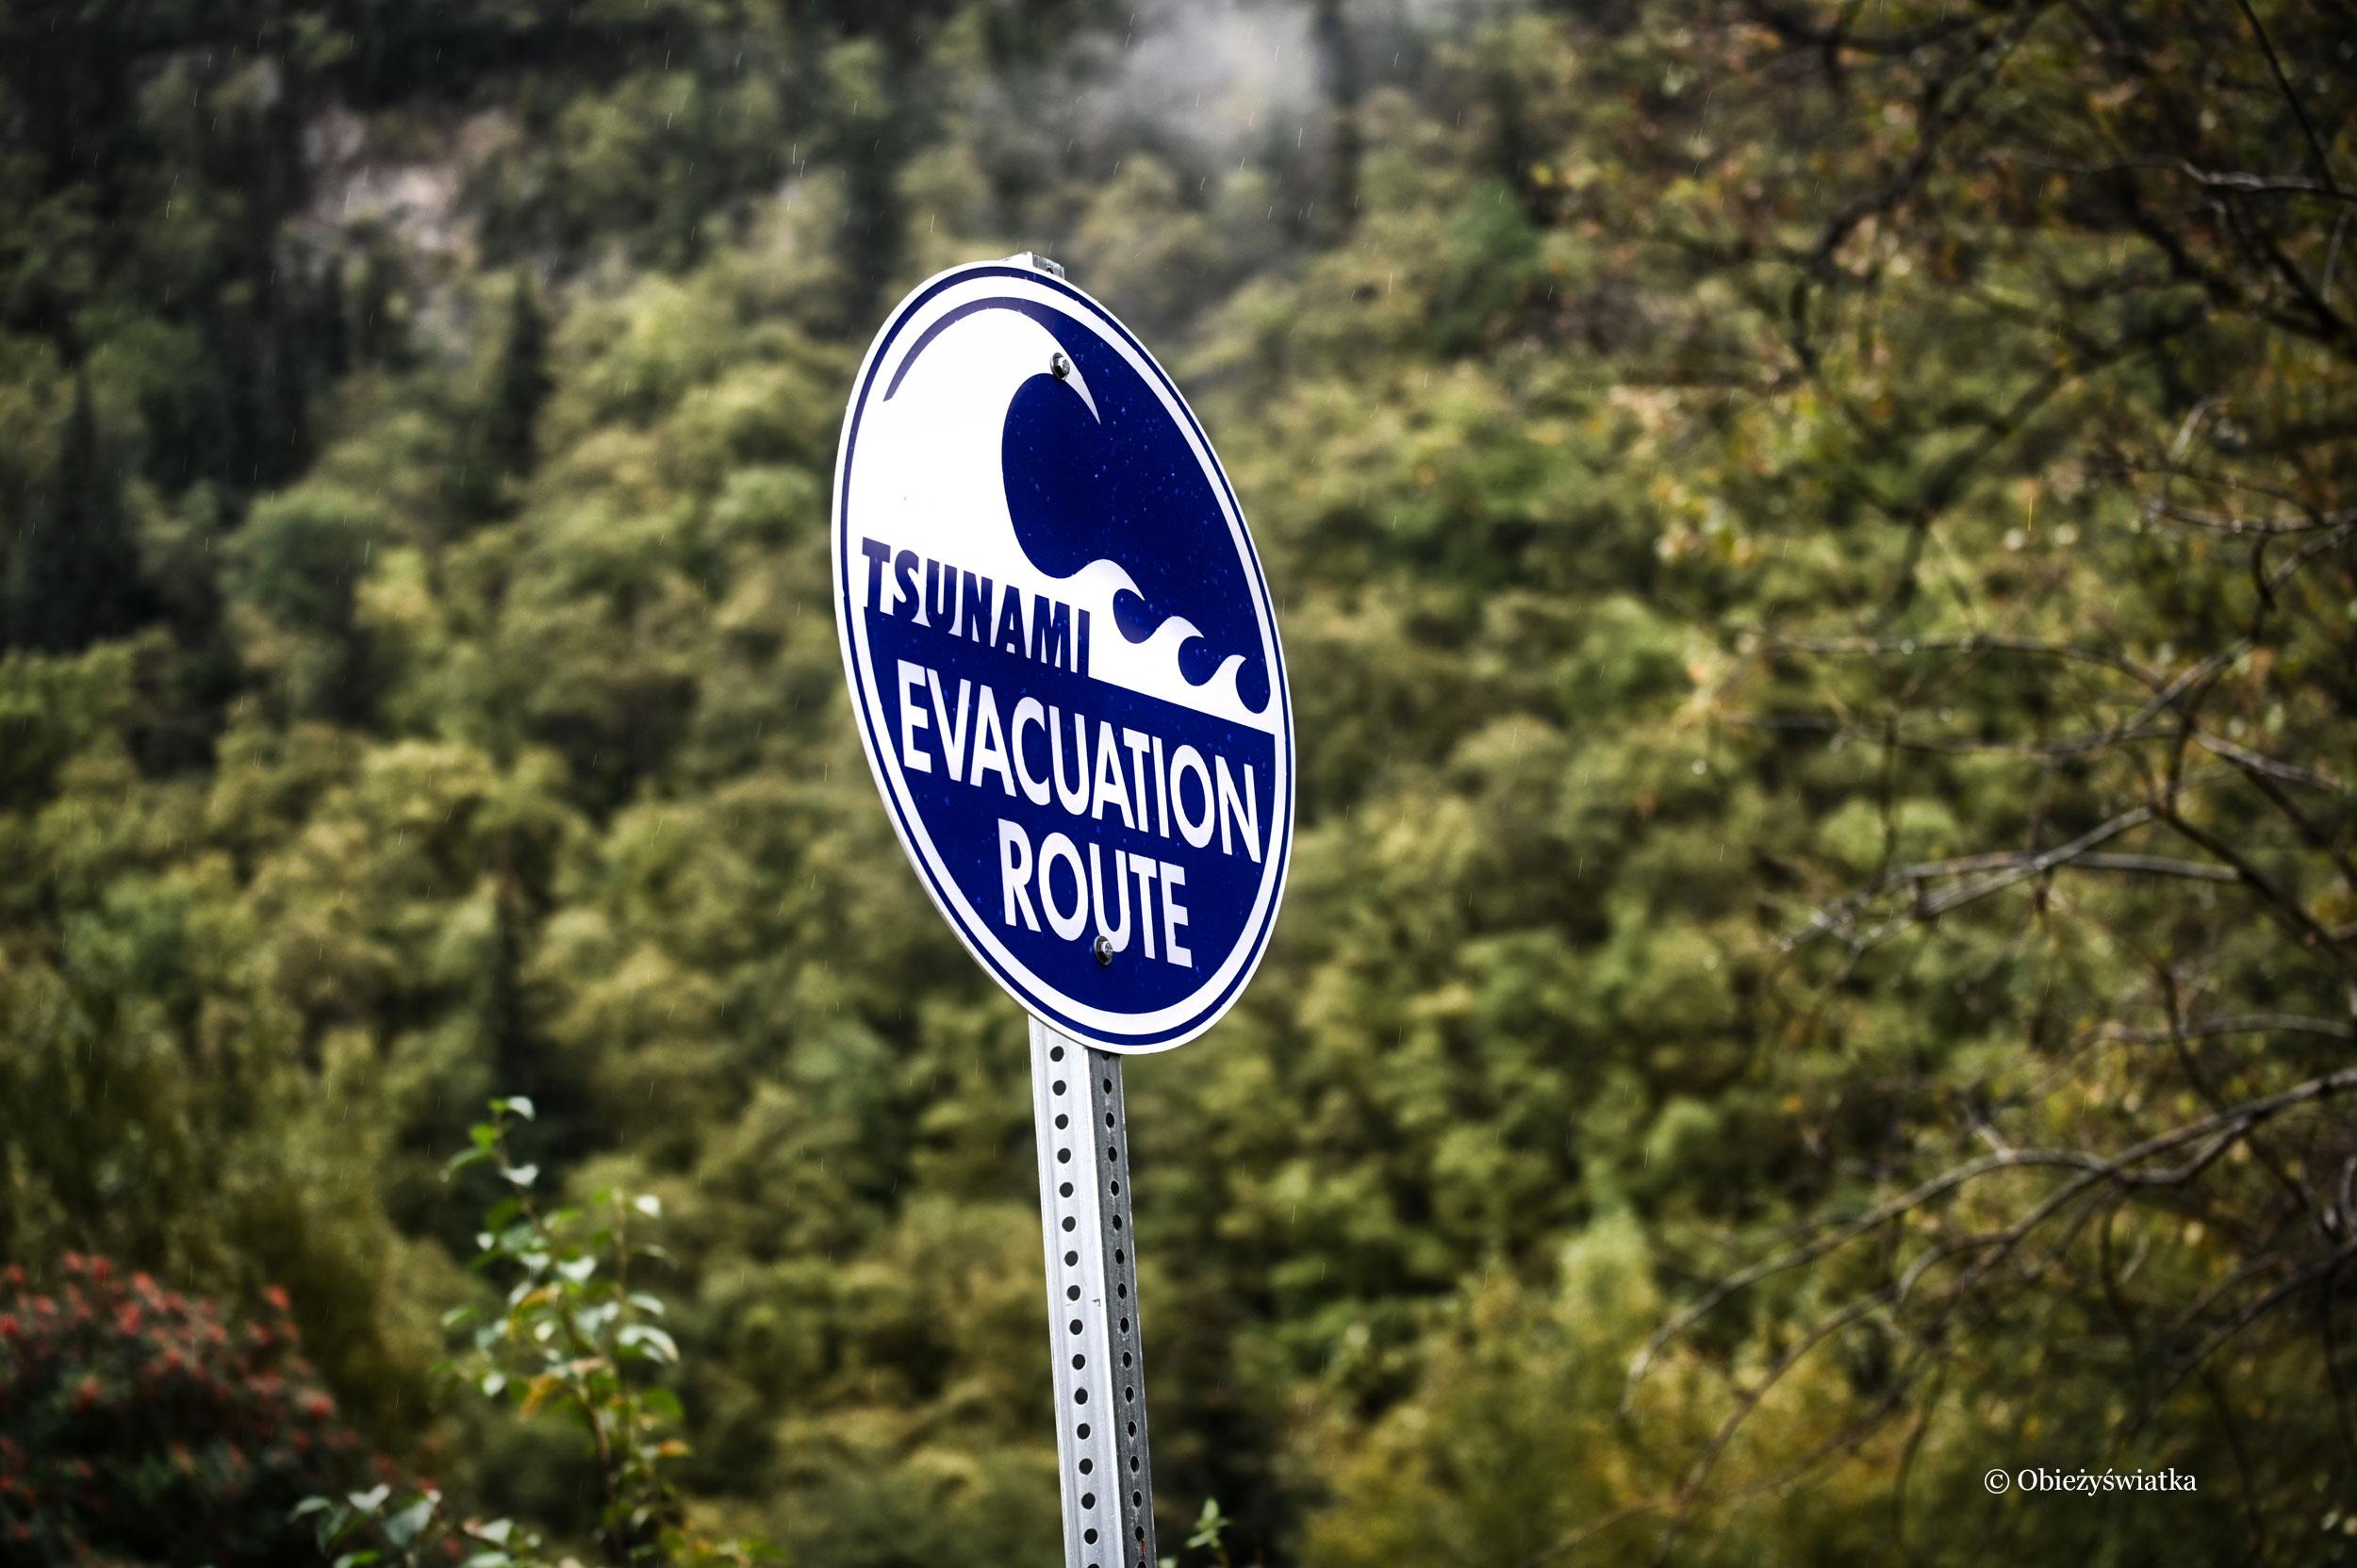 Droga ewakuacyjna w razie tsunami - jesteśmy nad Pacyfikiem, Skagway, Alaska